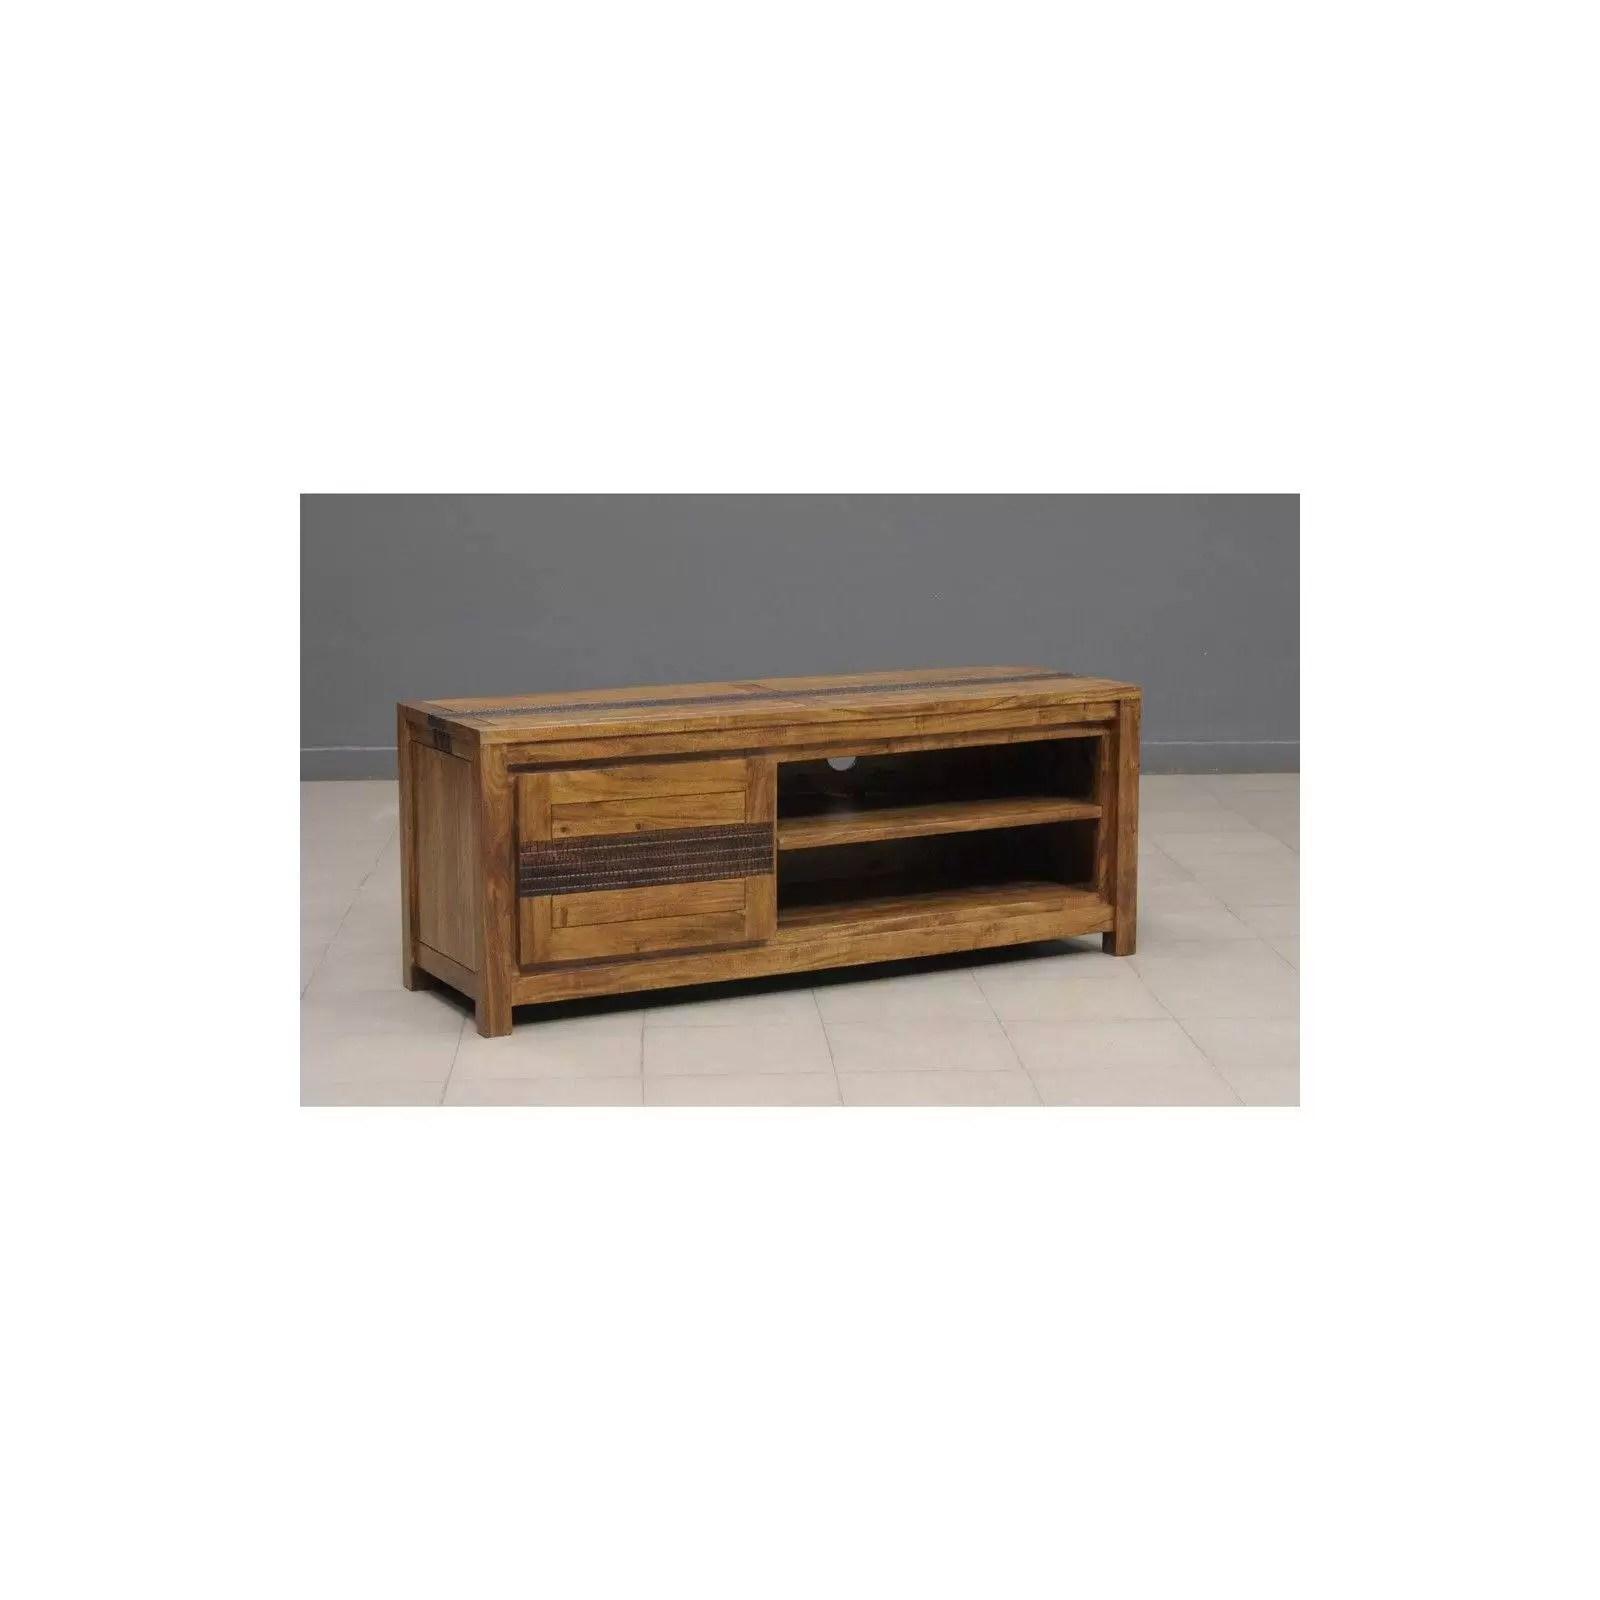 meuble tv tatoo haut de gamme en bois d acacia massif 1 porte et 2 niches